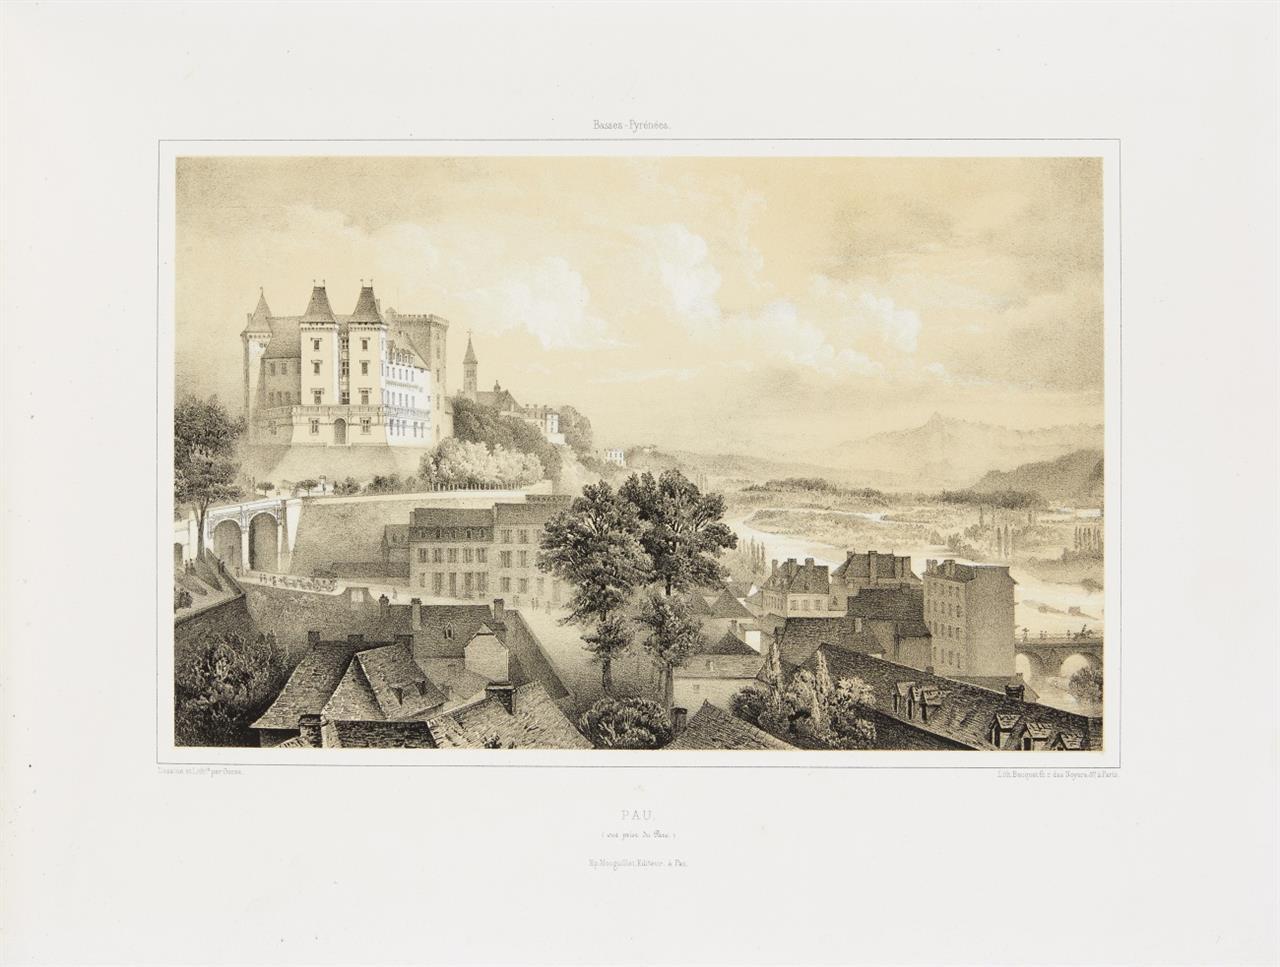 A. Gorse, Vues des Pyrénées. Pau ca. 1857.